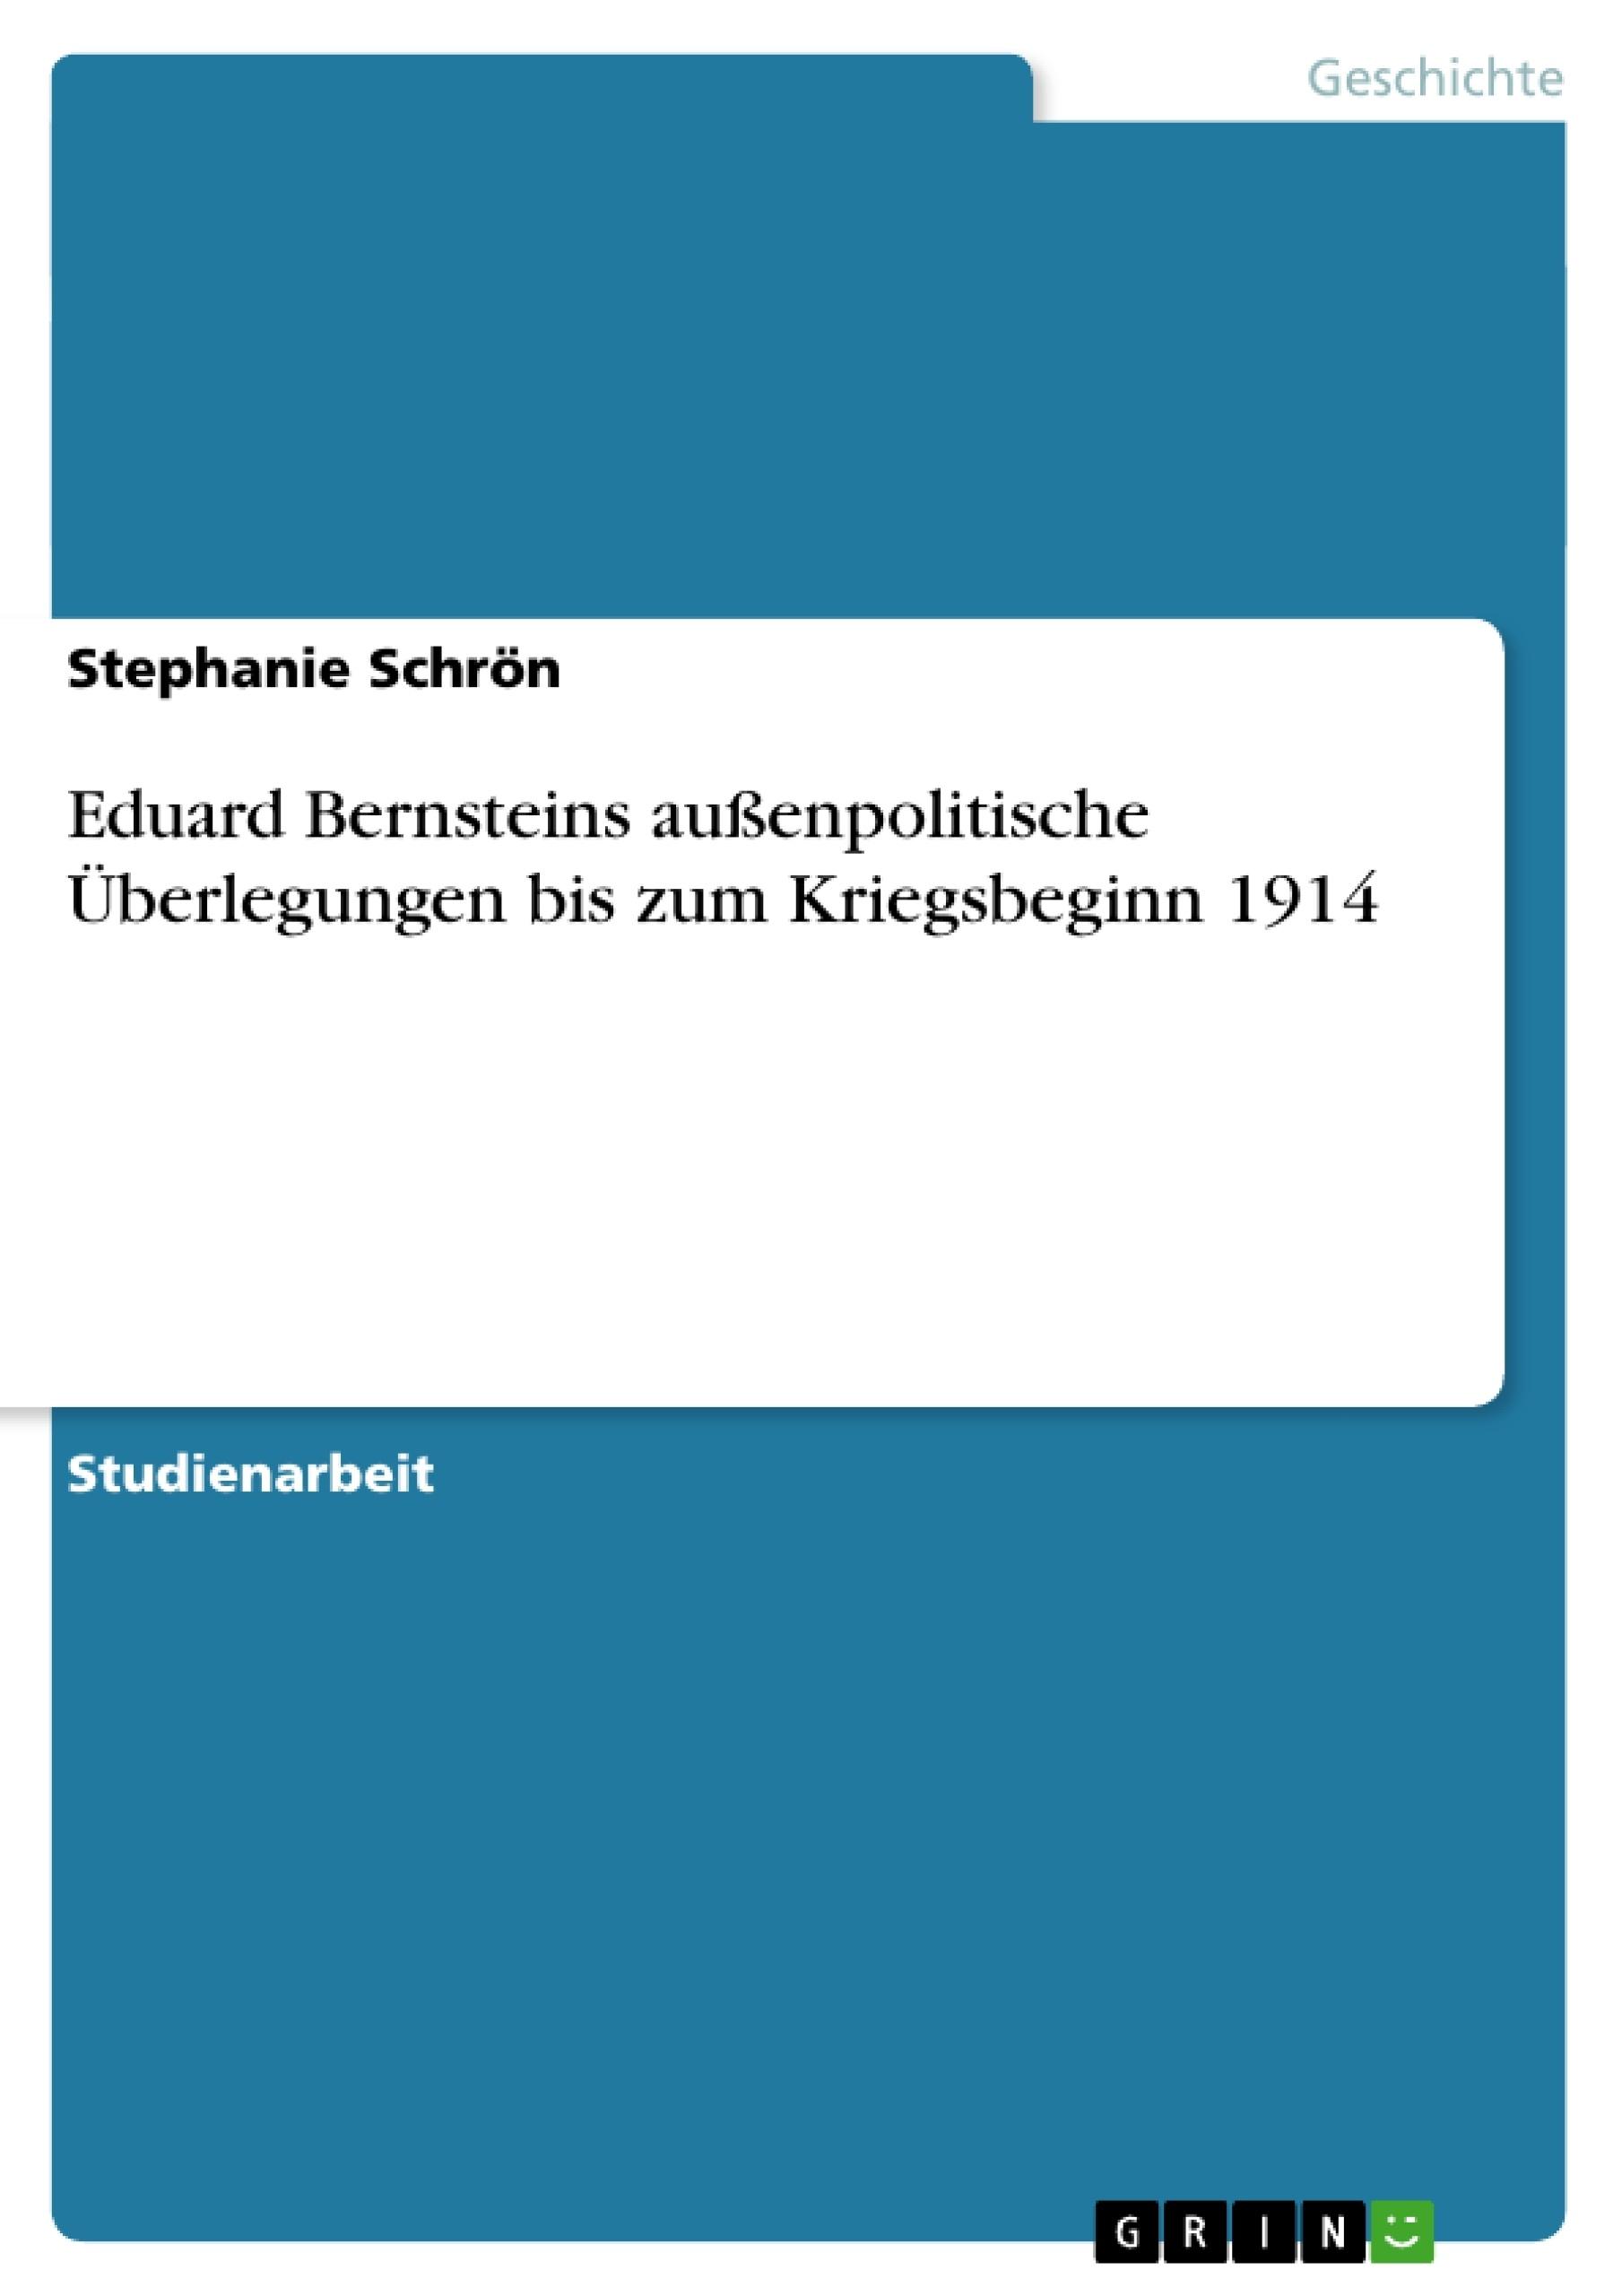 Titel: Eduard Bernsteins außenpolitische Überlegungen bis zum Kriegsbeginn 1914